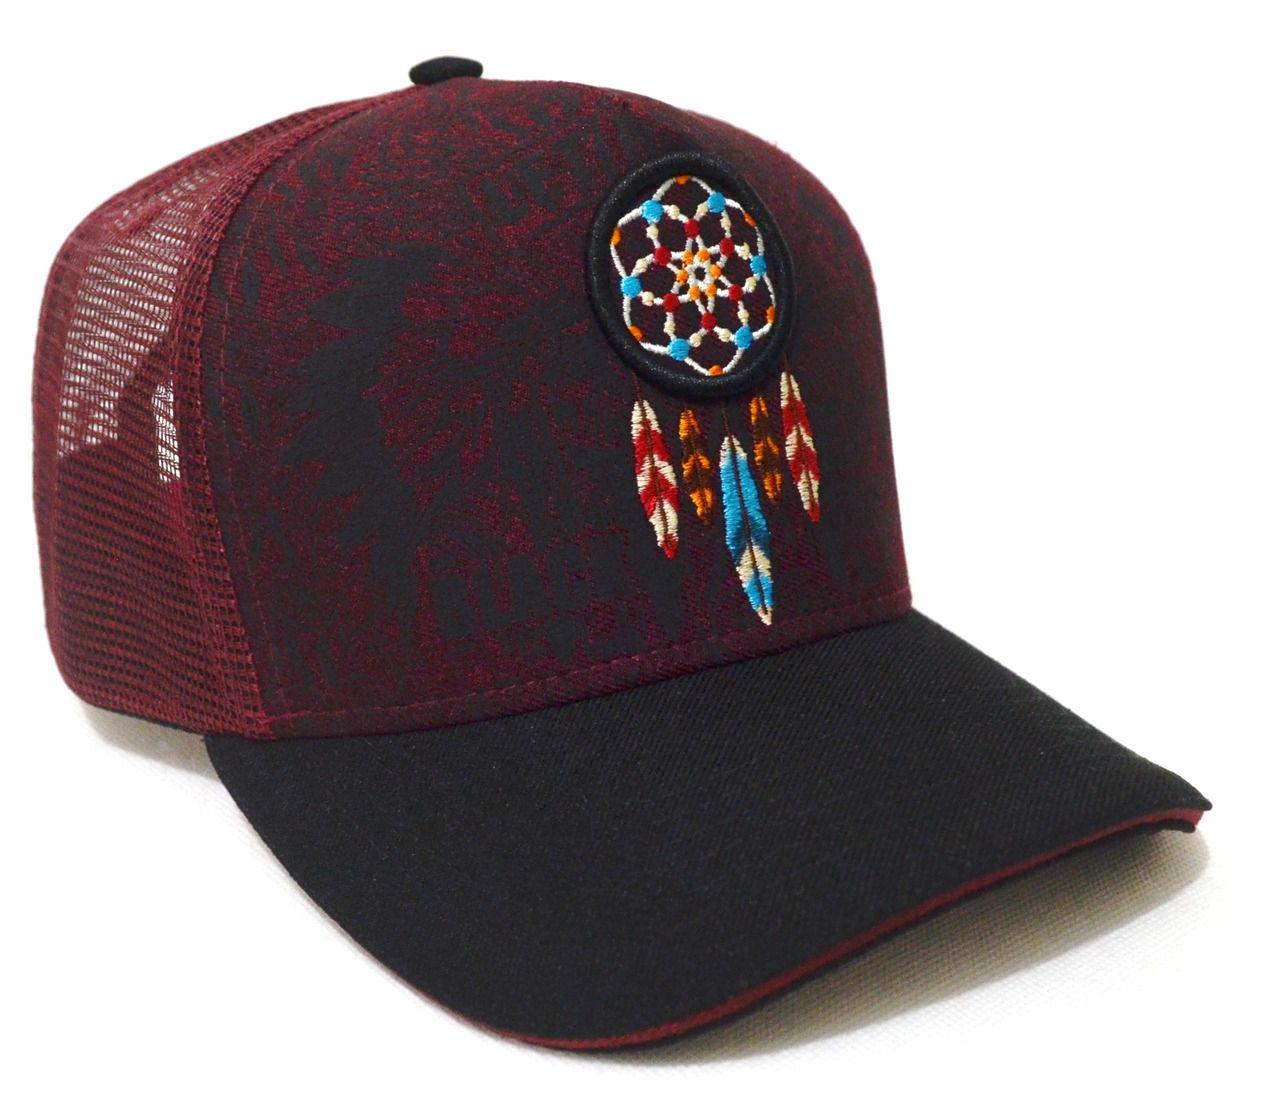 Boné Country Índio Apache Filtro dos Sonhos - Aba Curva